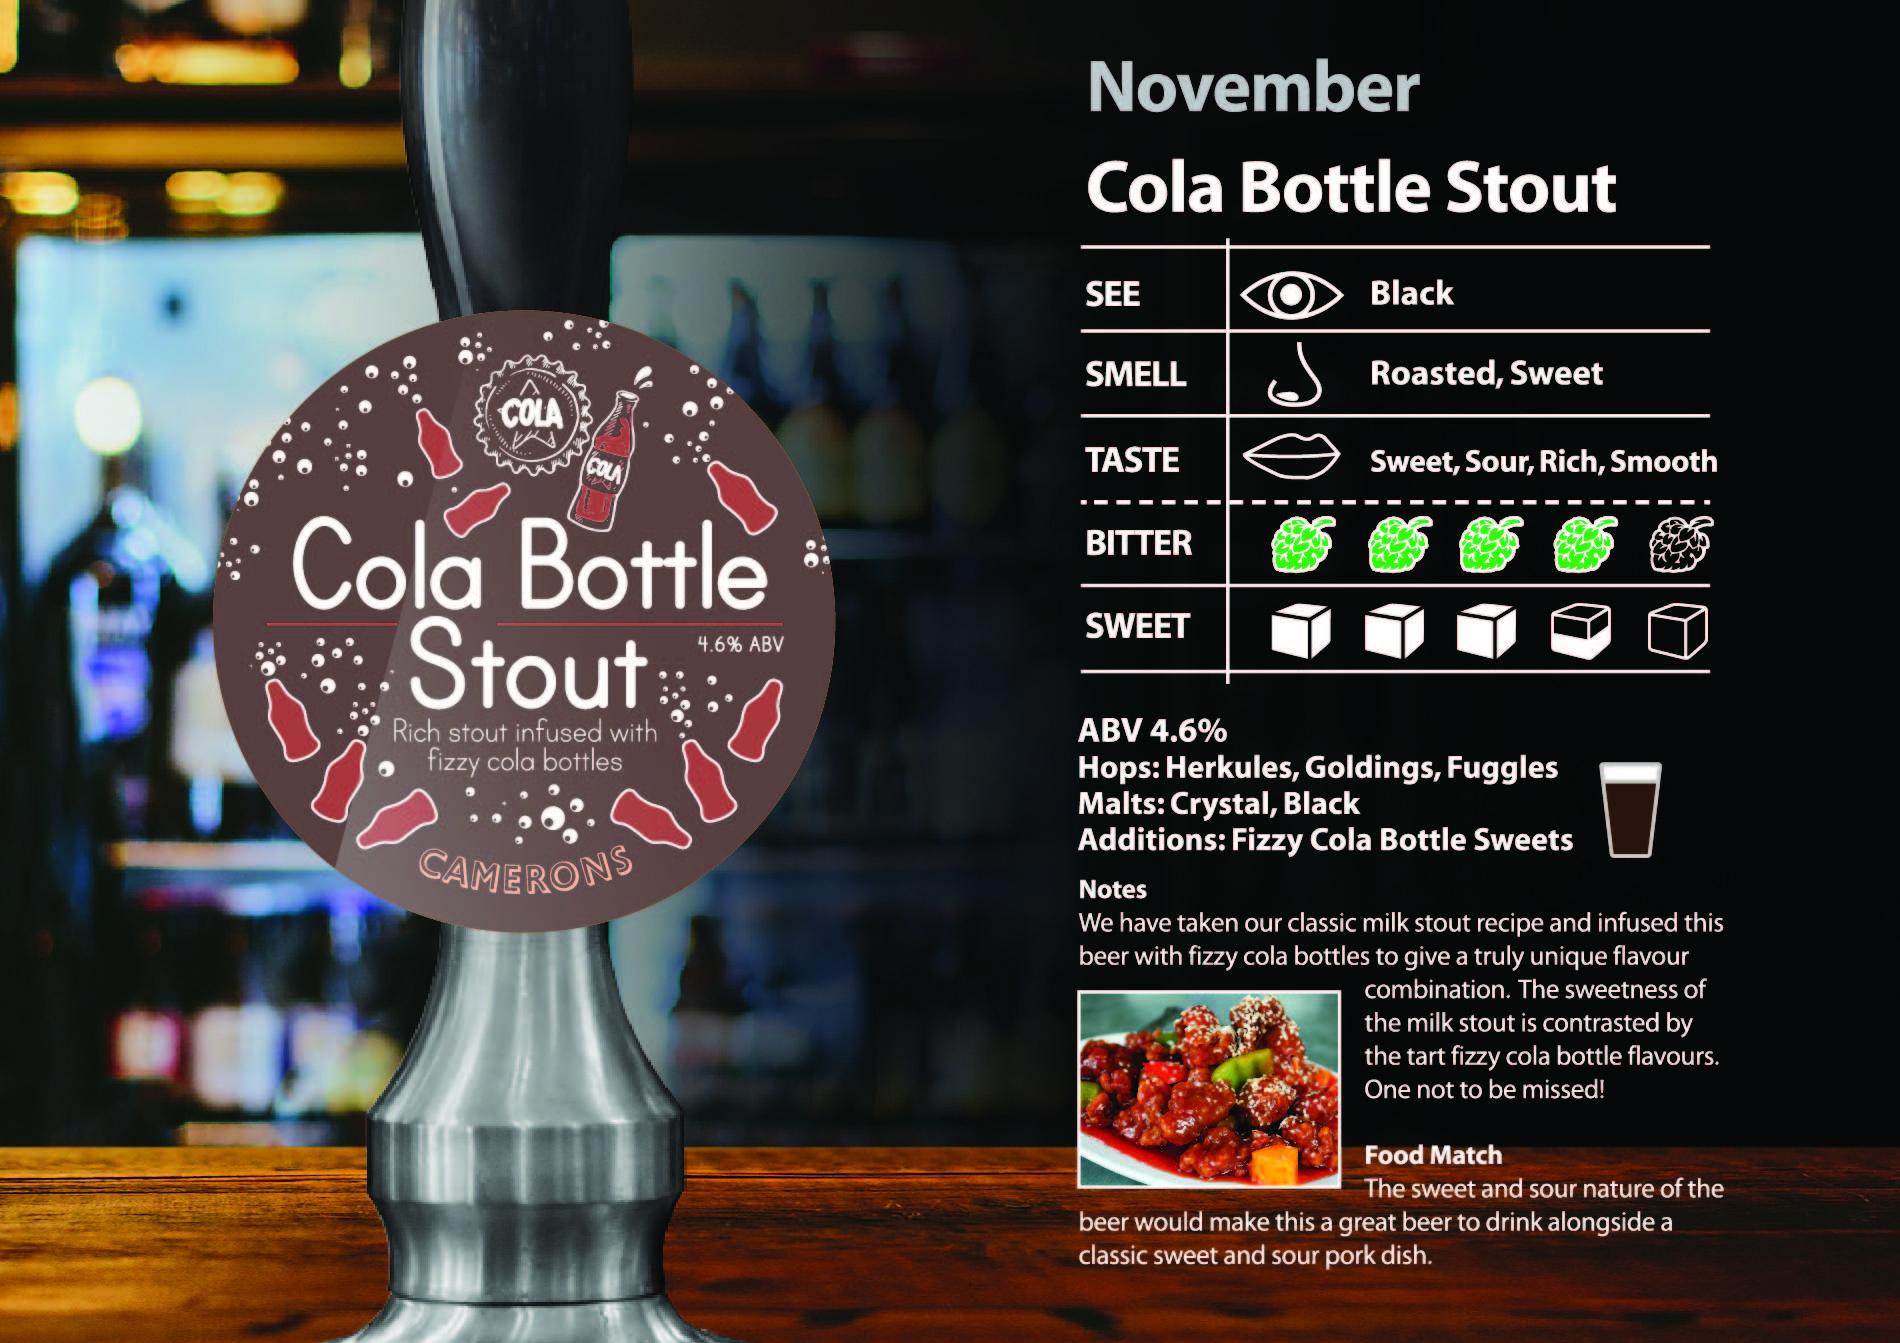 cola bottle stout